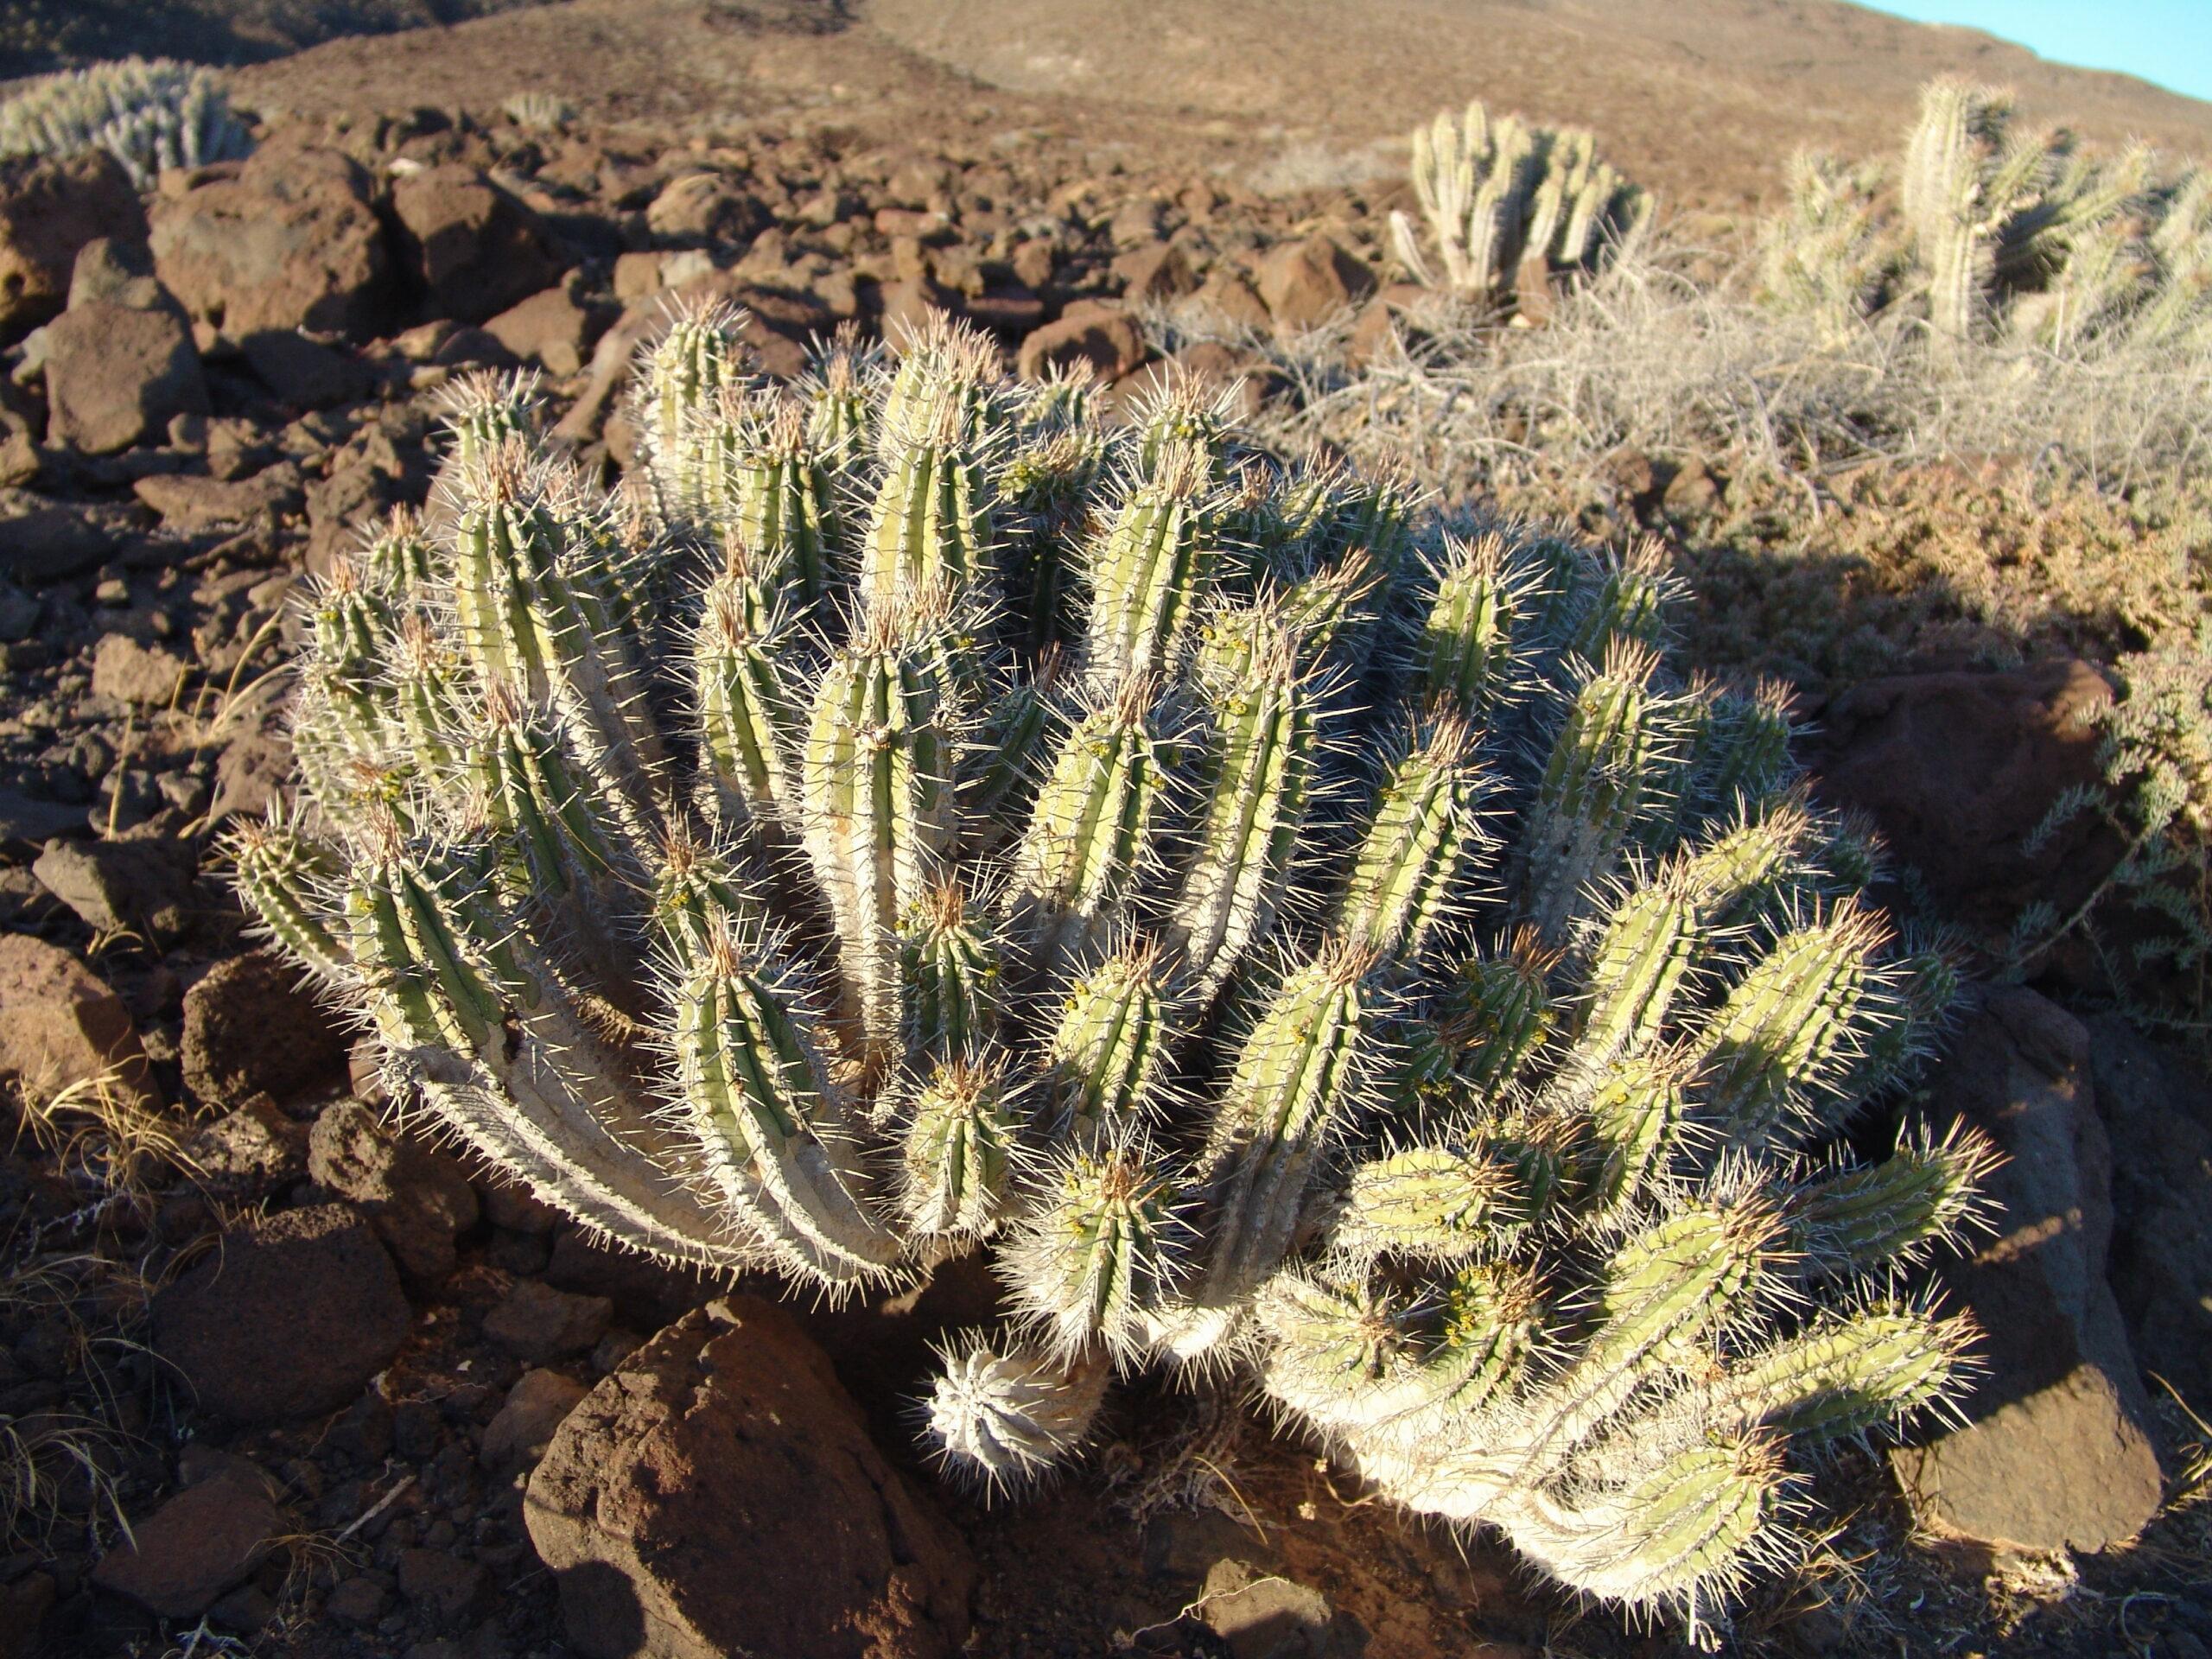 fv-cofetecardon-tallos-no-hay-hojas062-euphorbia-handiensis-2-scaled.jpg